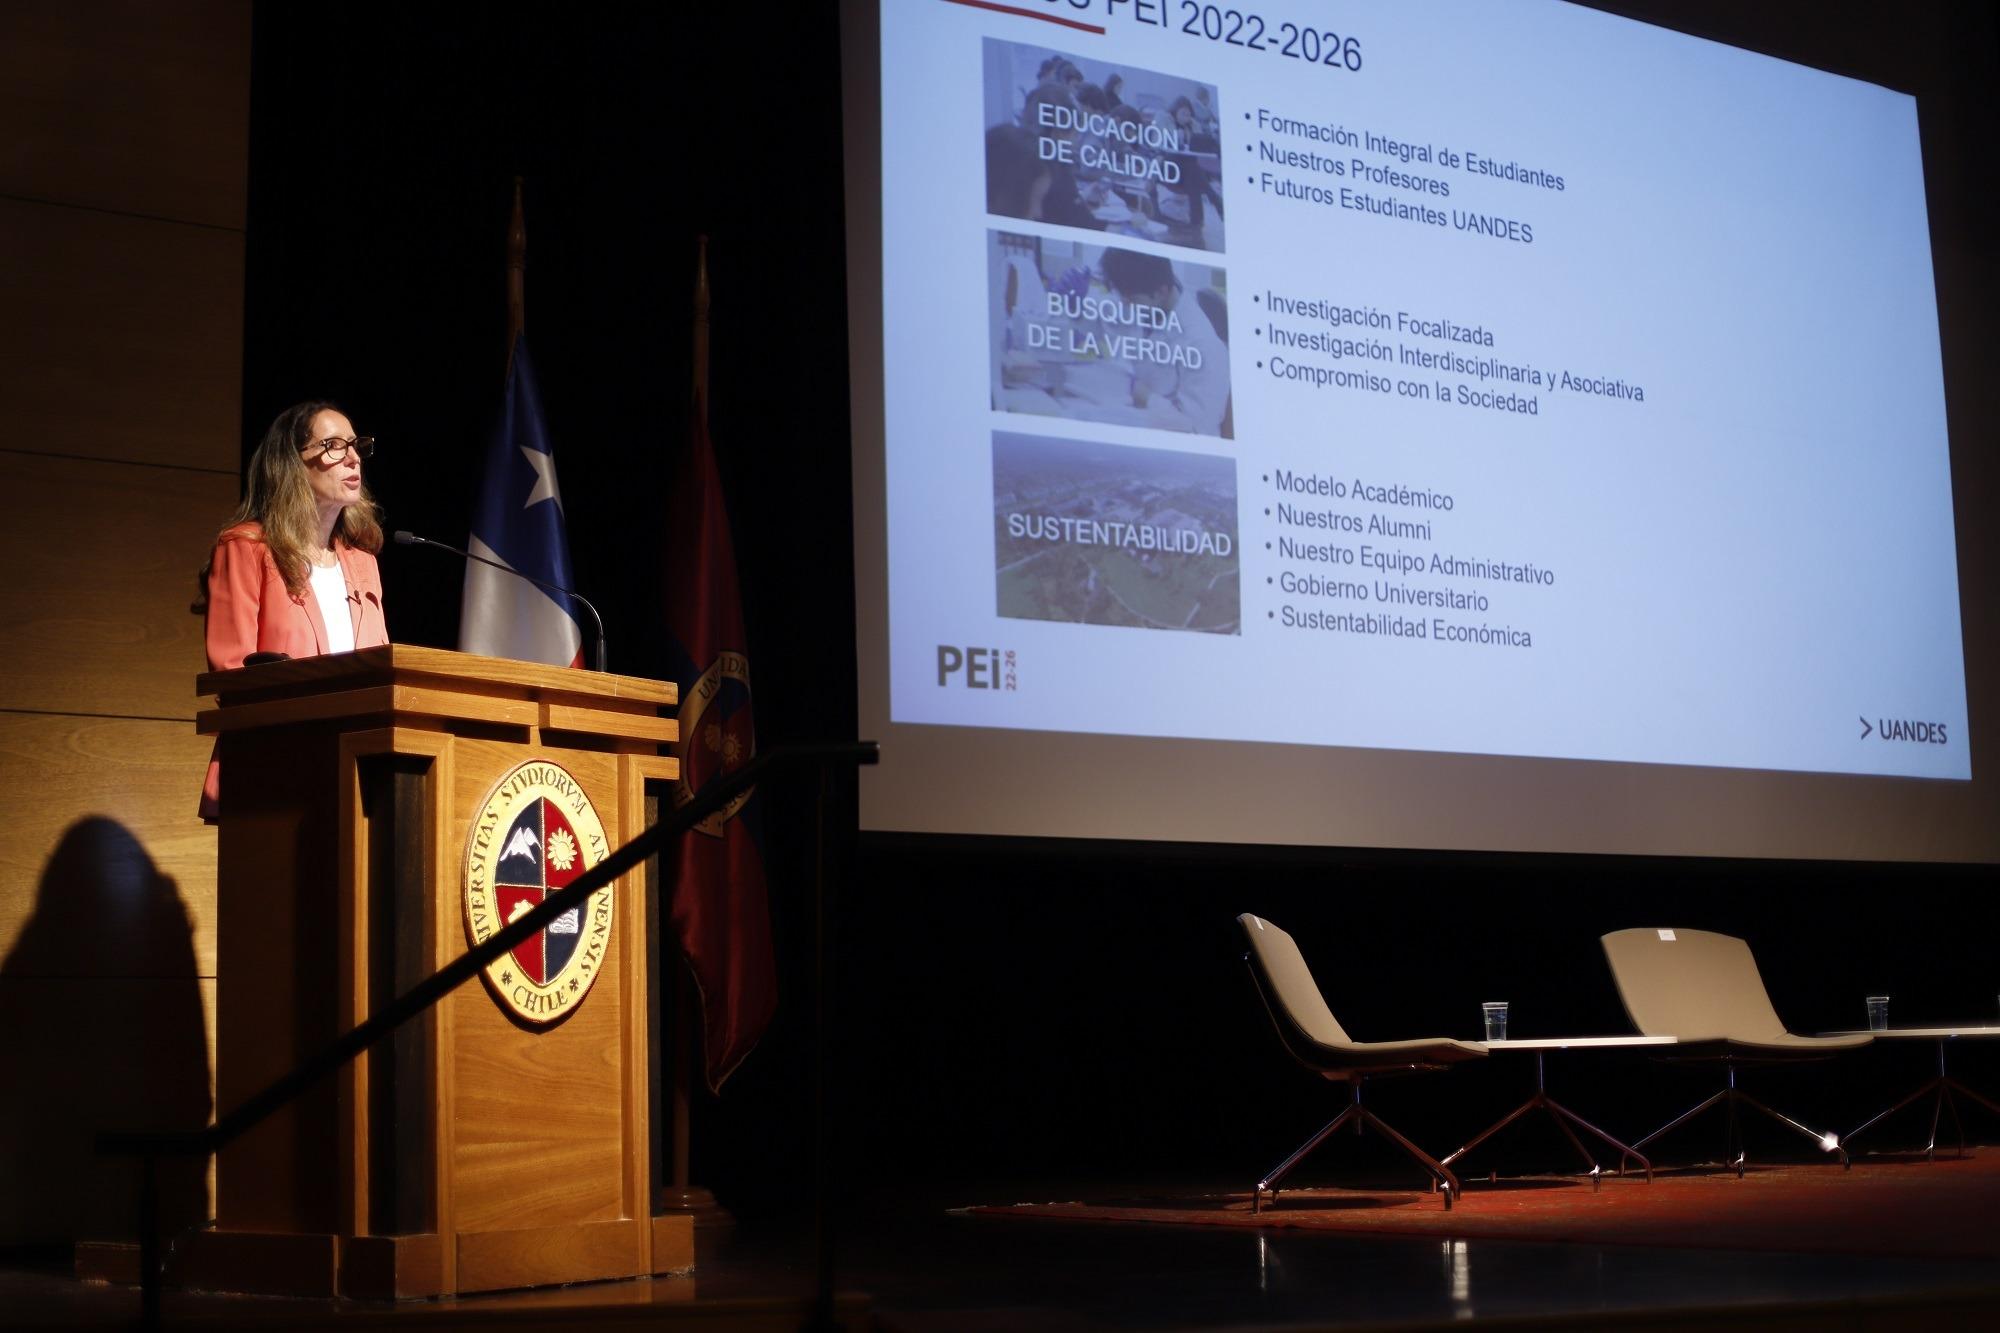 Lanzamiento de la Planificación Estratégica Institucional UANDES 2022-2026